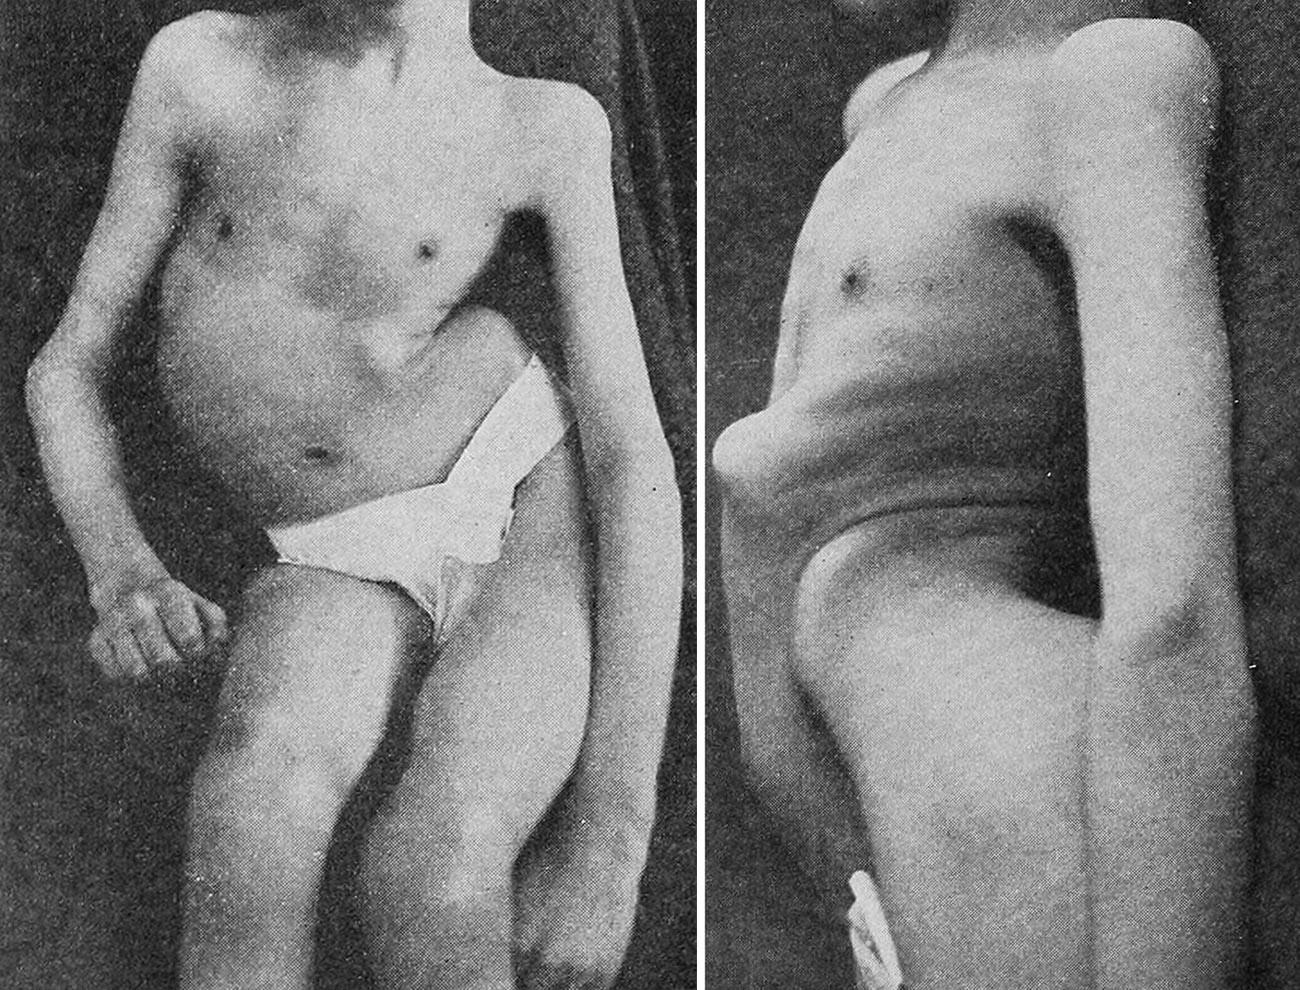 Seorang anak lelaki yang mengidap polio.